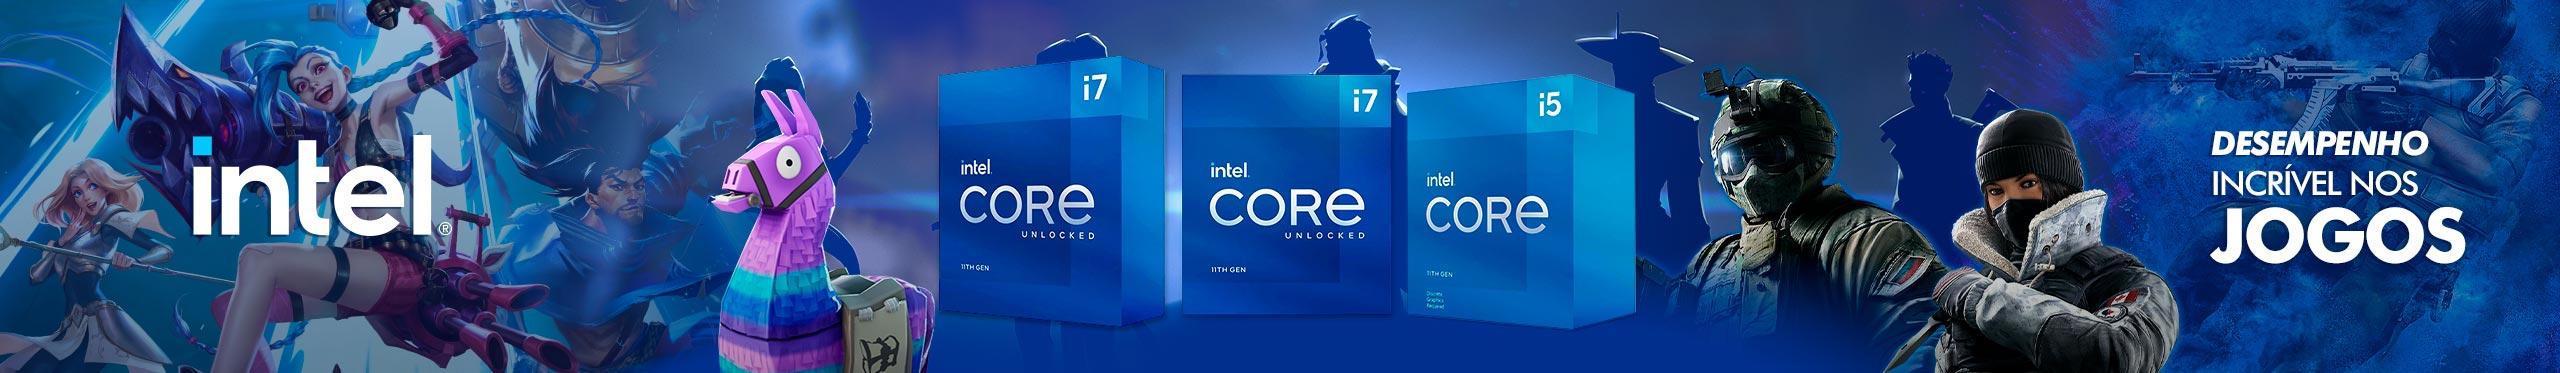 Banner Intel 11TH geração